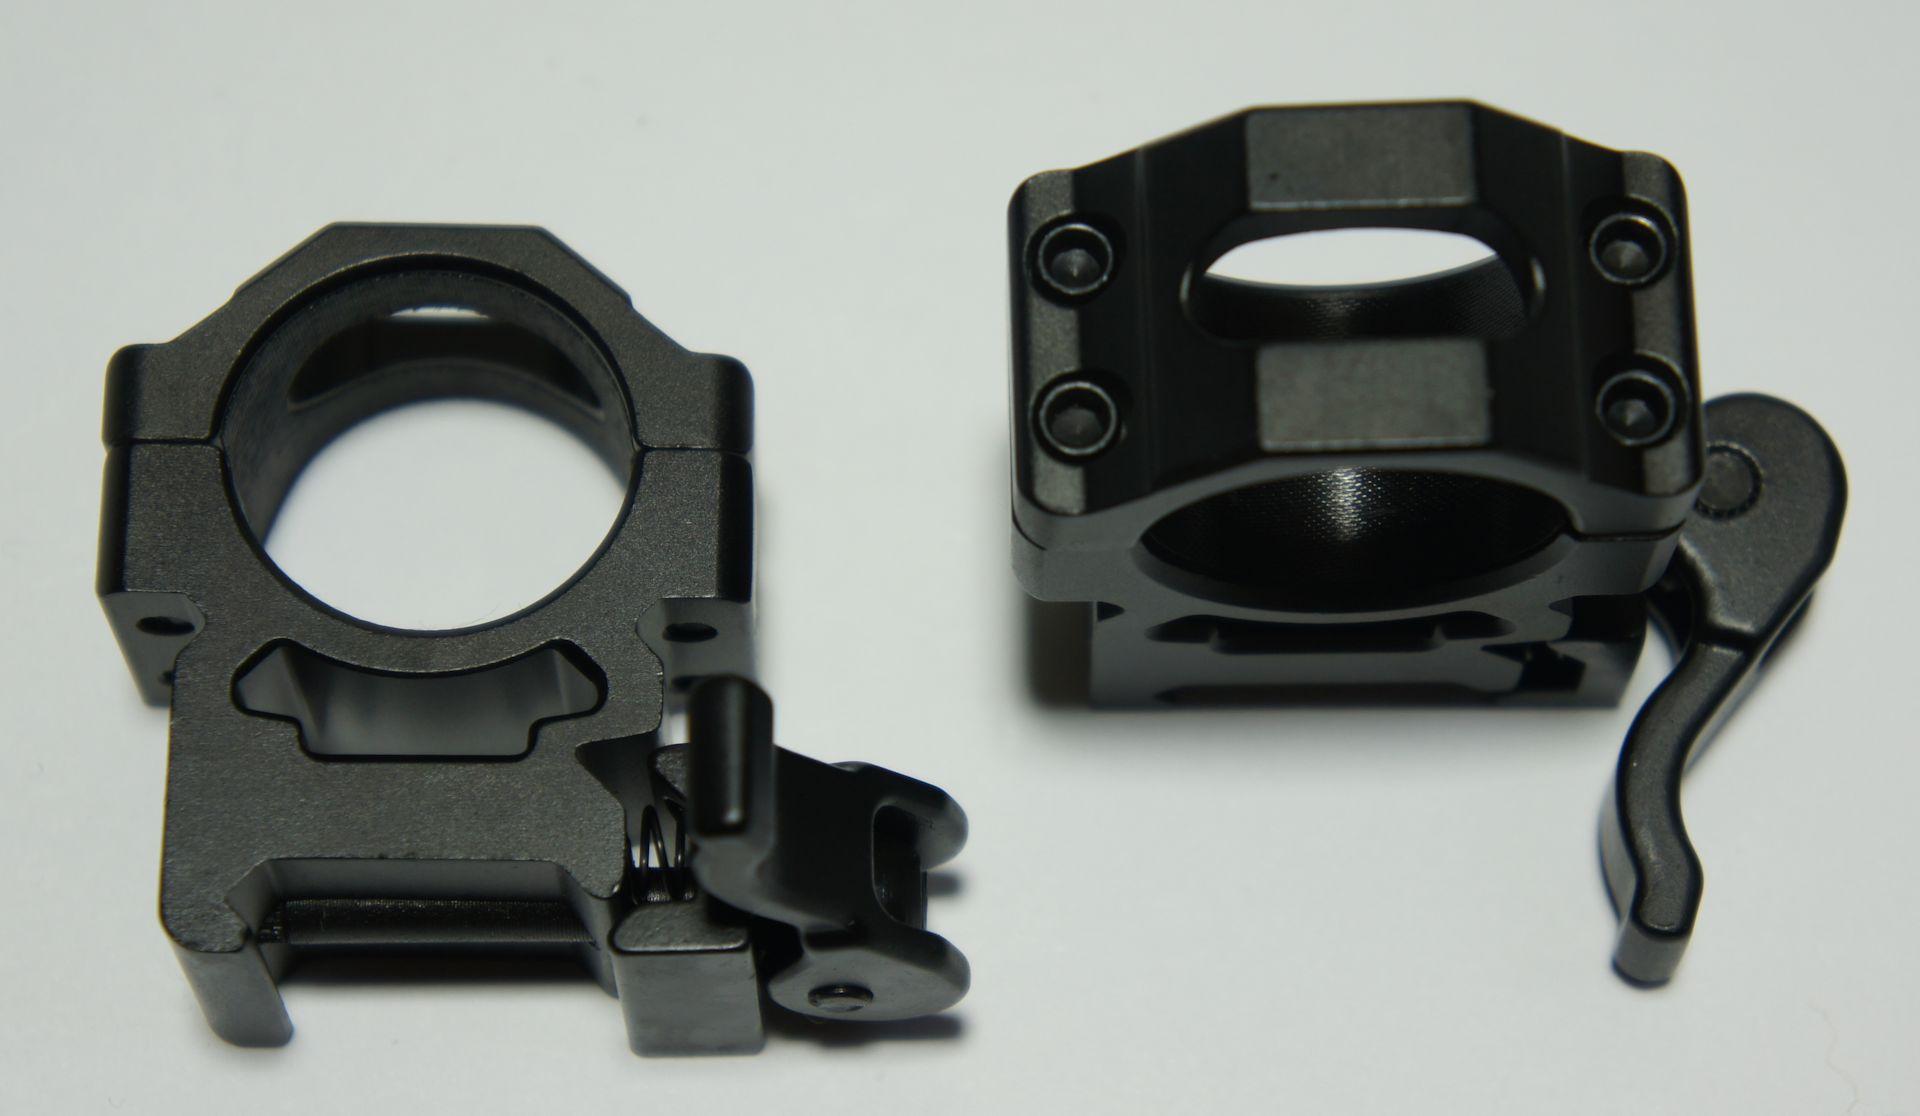 <a href=1130619SS.htm>Solche Montageringe</a> für breitere 21mm Schienen könnten die Optik für entsprechende Waffen passend machen.